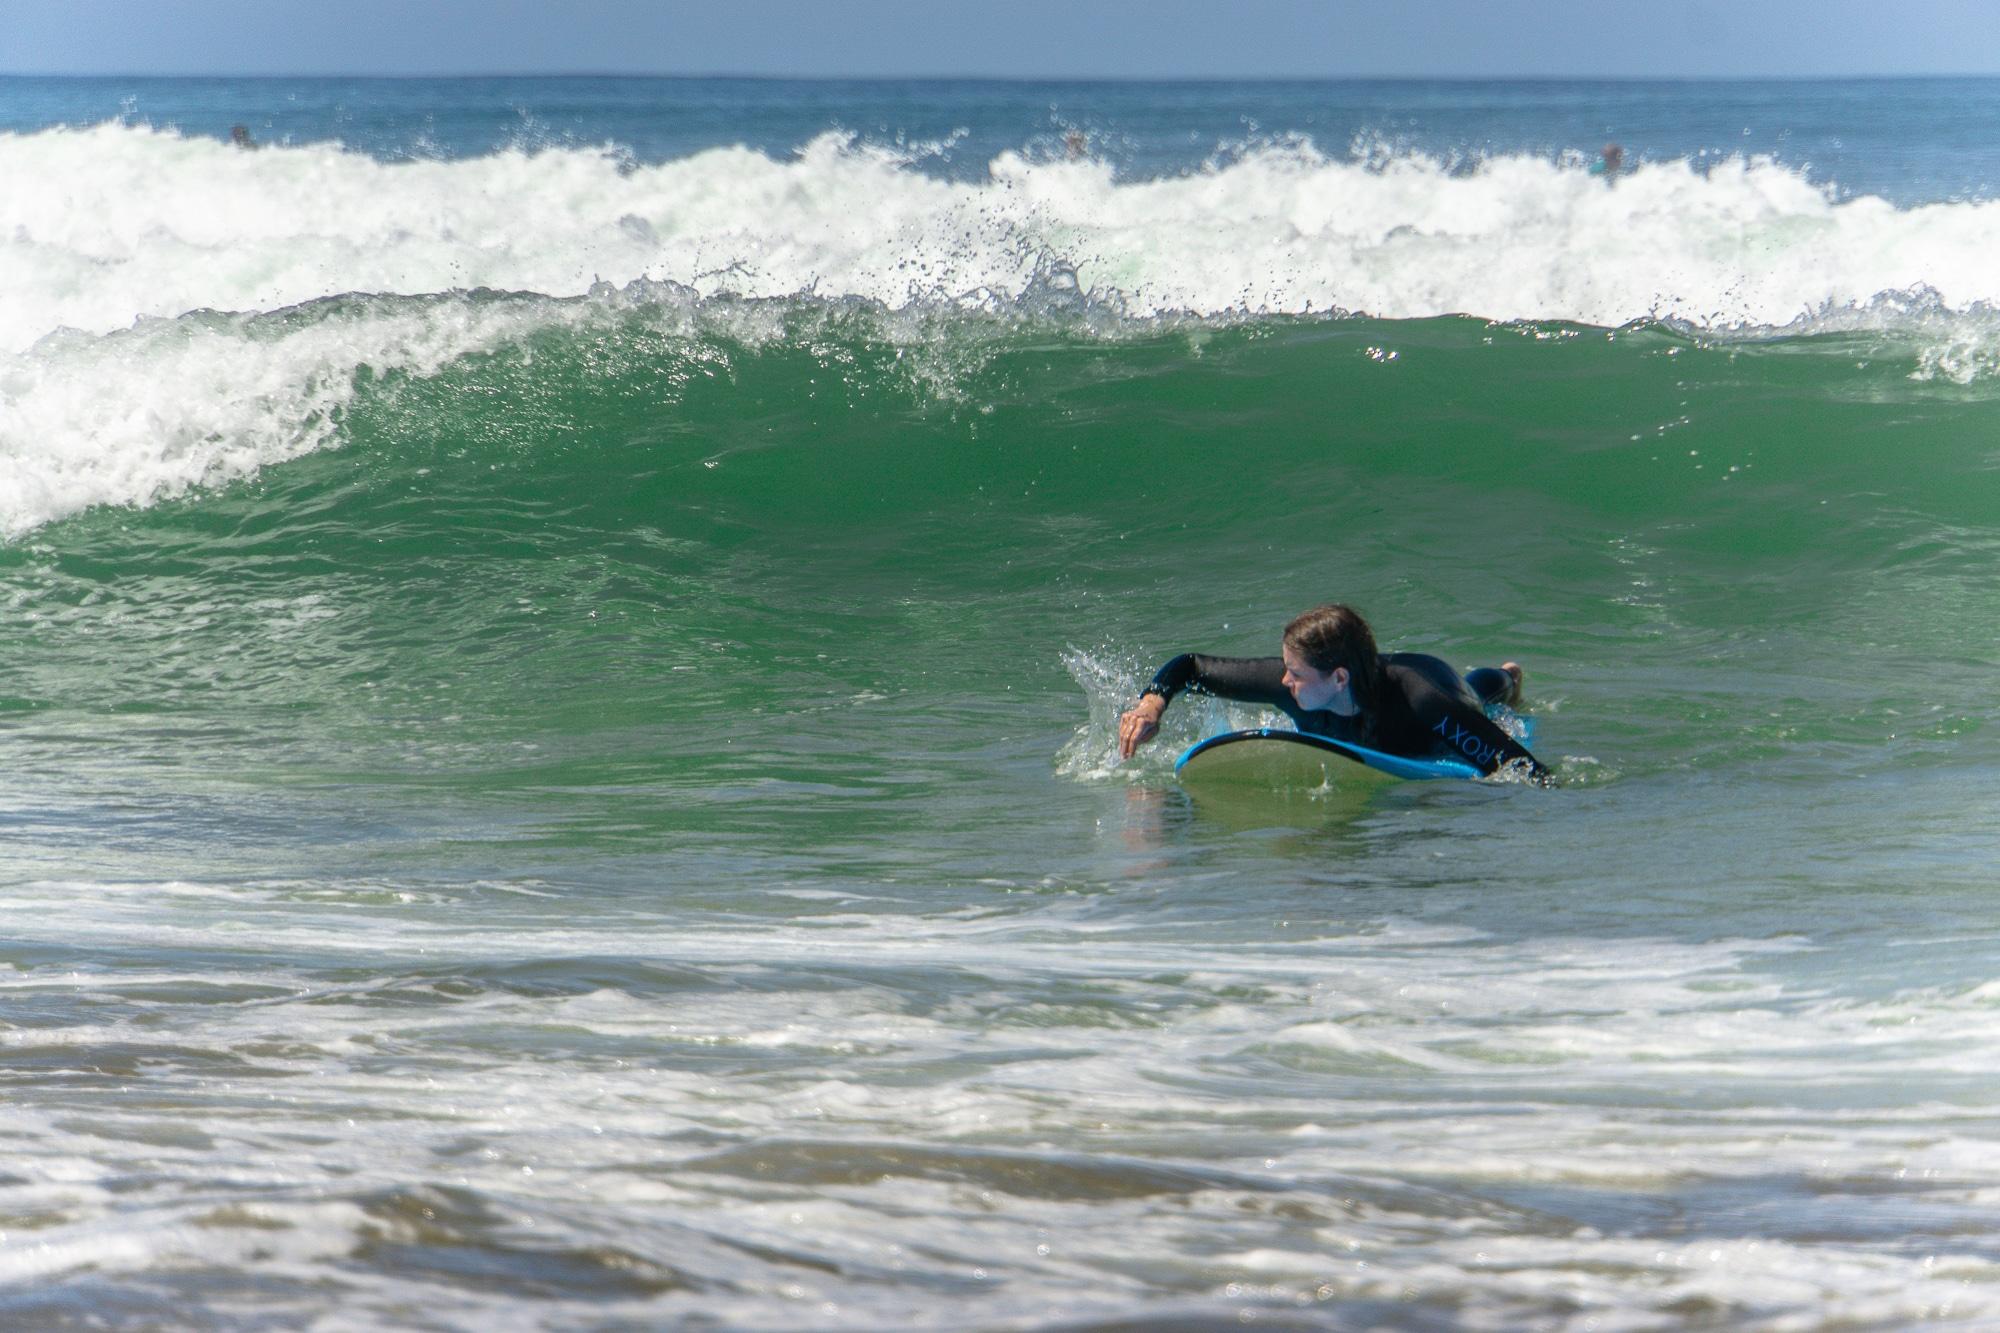 Moliets-Plage: Surfen und Yoga - meine Erfahrungen im 24+ Puresurfcamp - Surfkurs